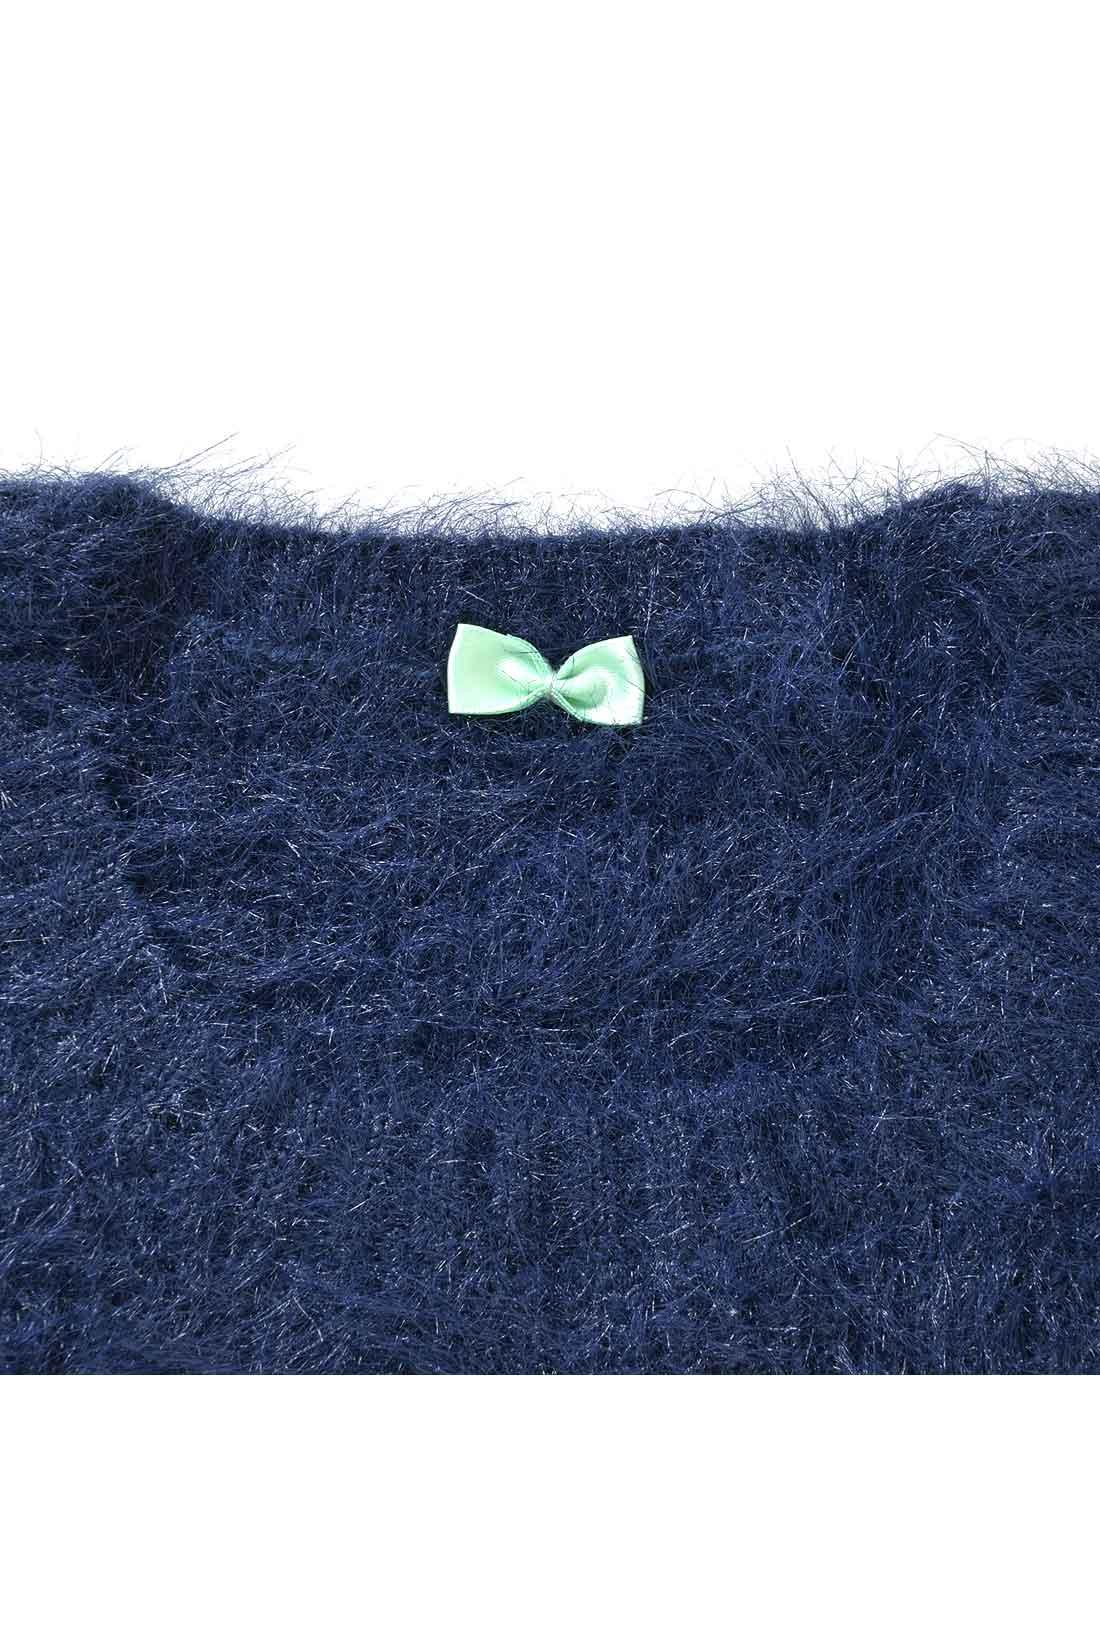 首の後ろに蝶ネクタイみたいなリボンが付いています。着ると見えなくなる、私たちだけのかわいいポイント。